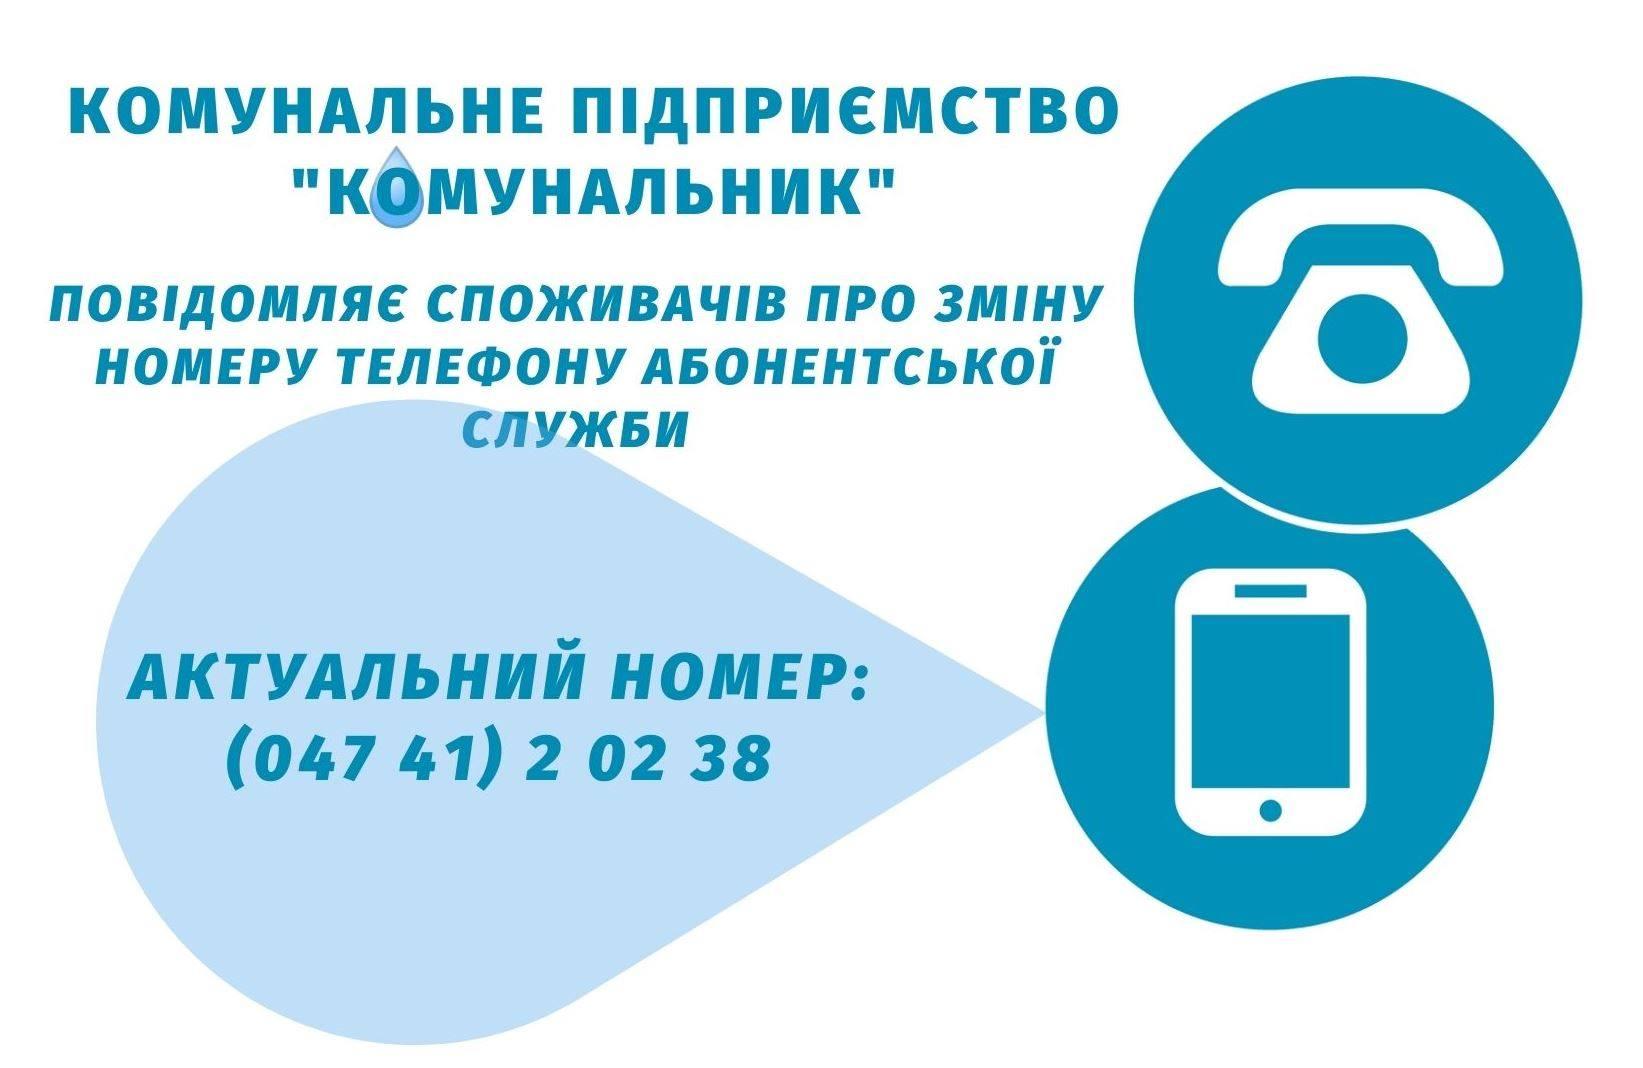 """Комунальне підприємство """"Комунальник"""" Шполянської міської ради ОТГ повідомляє споживачів про зміну номеру телефону"""